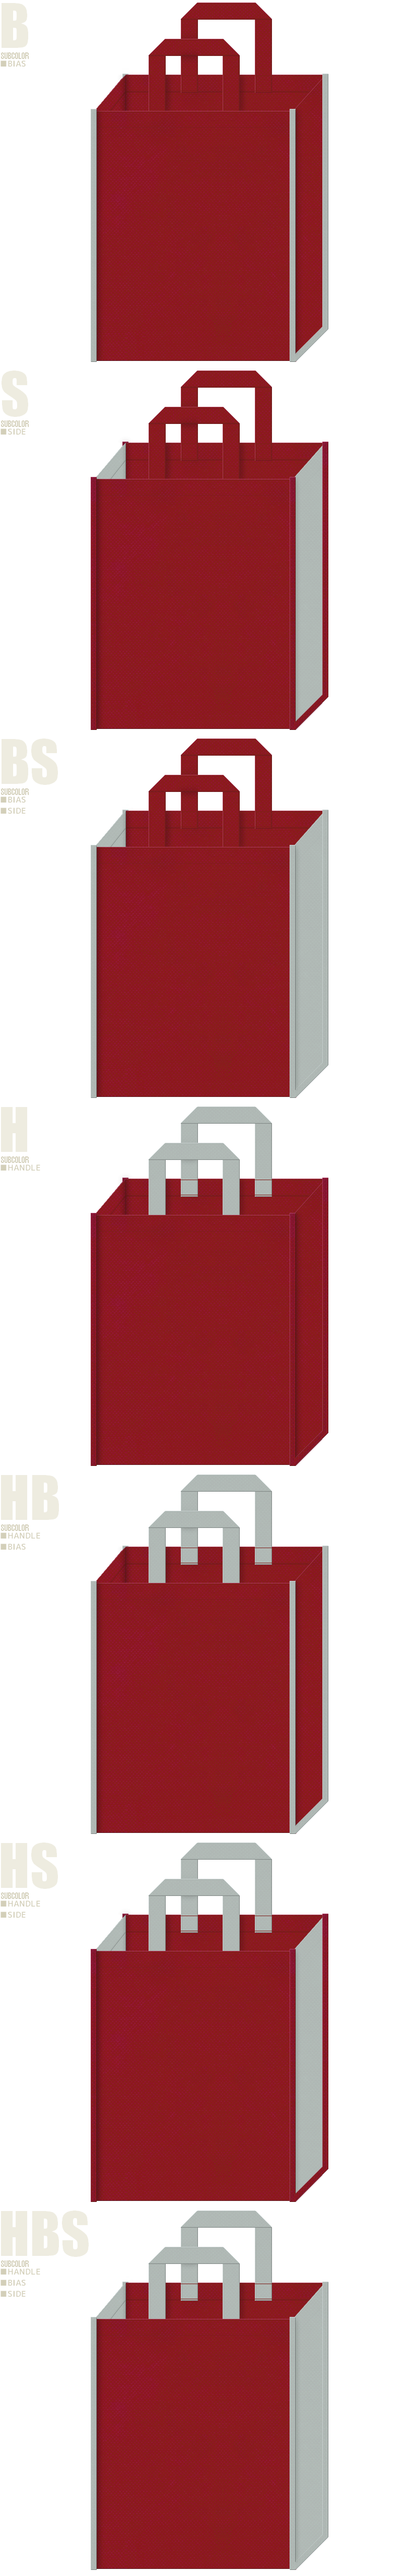 エンジ色とグレー色、7パターンの不織布トートバッグ配色デザイン例。